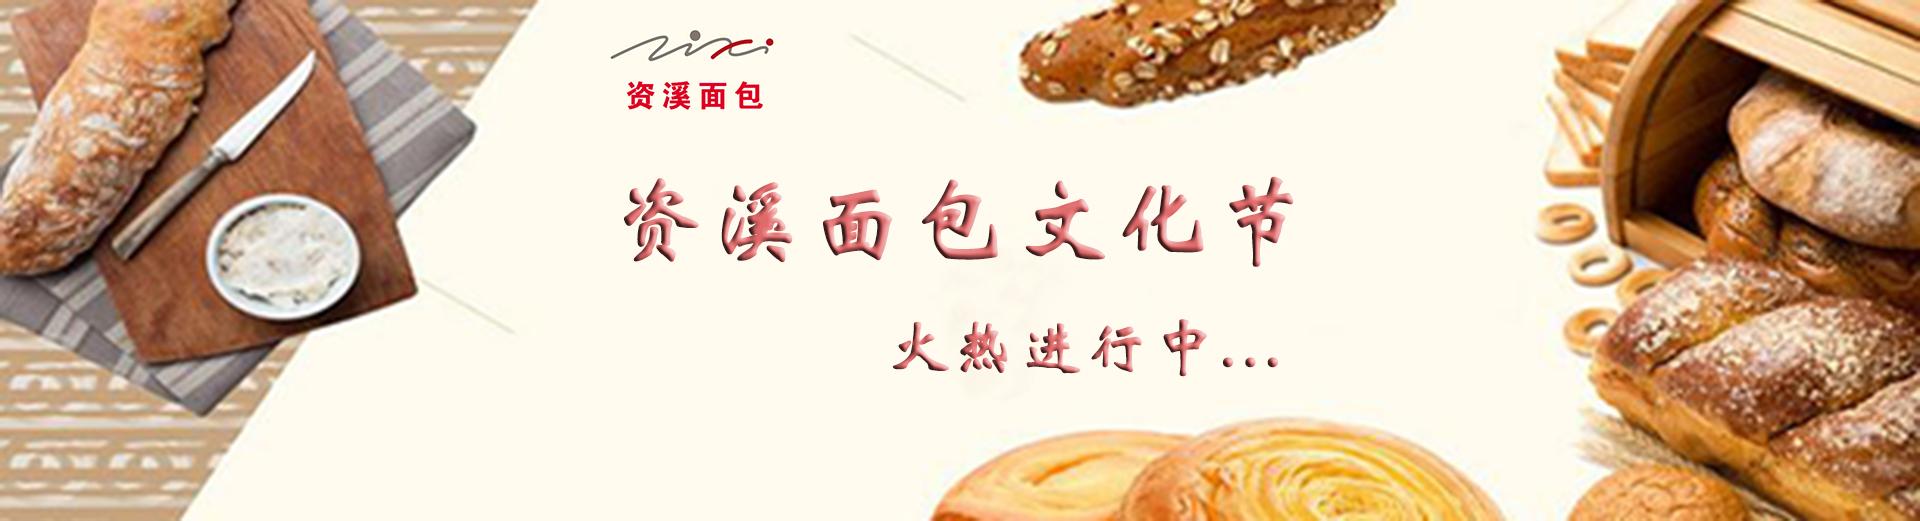 面包文化节